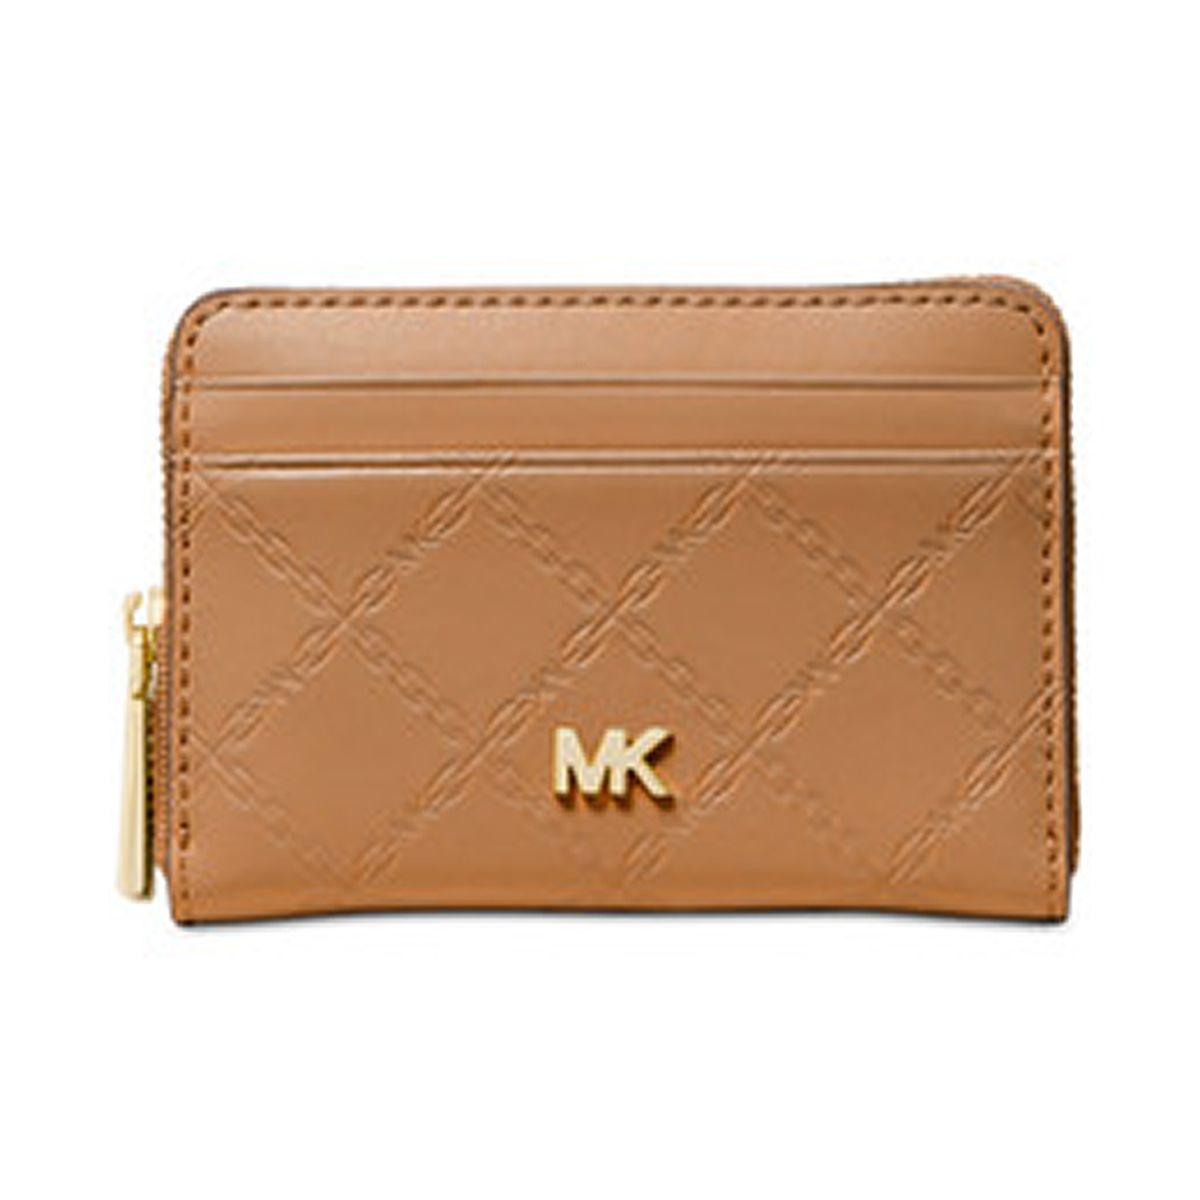 f7d030cba8 Handbags · New Arrivals. New Arrivals · Wallets   Wristlets